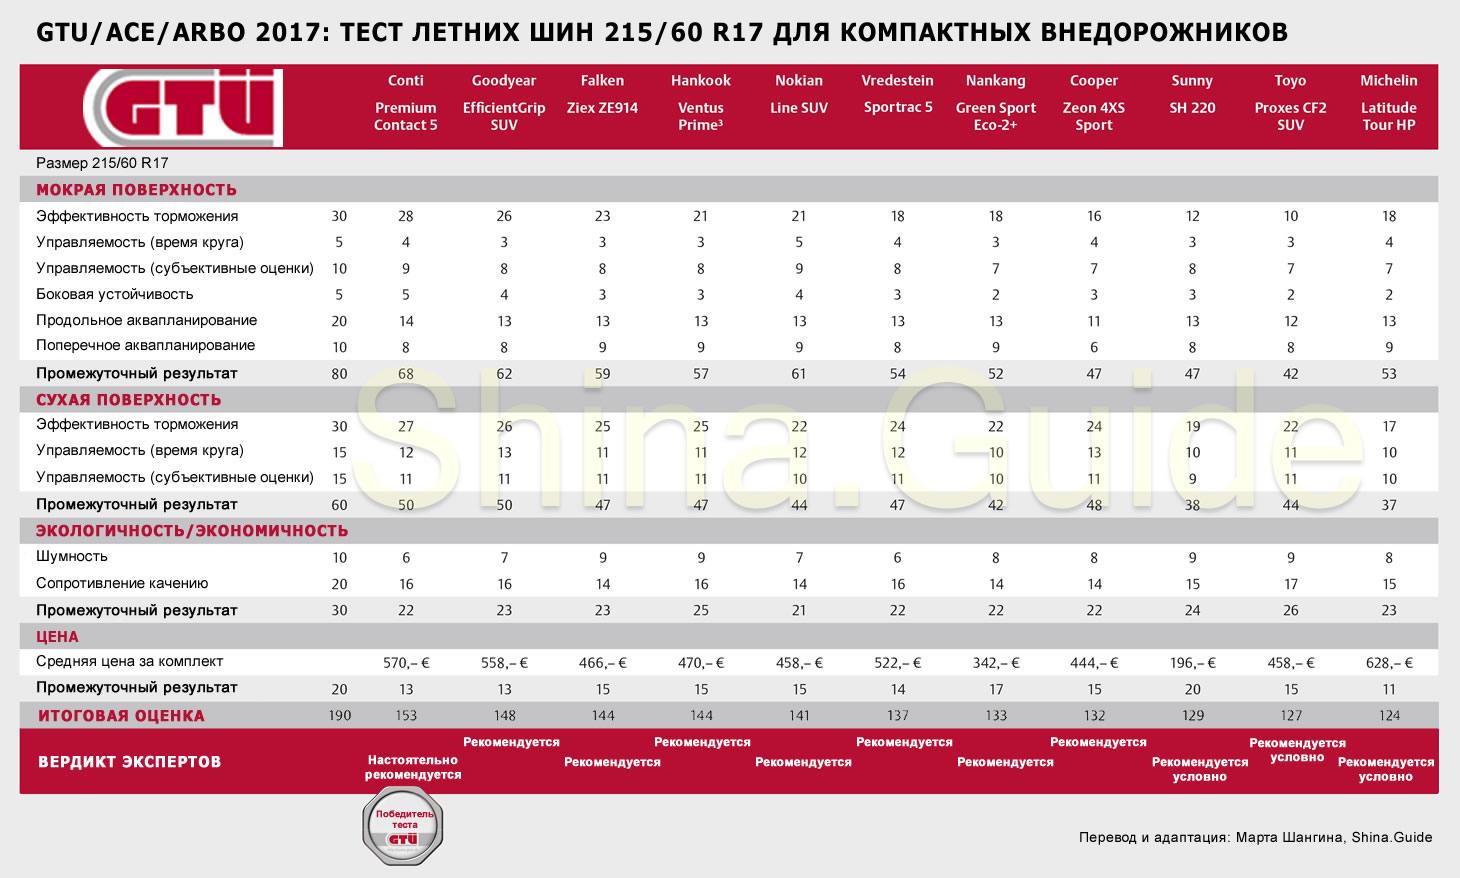 Итоговая таблица летнего теста 2017 года от GTU/ACE/ARBO